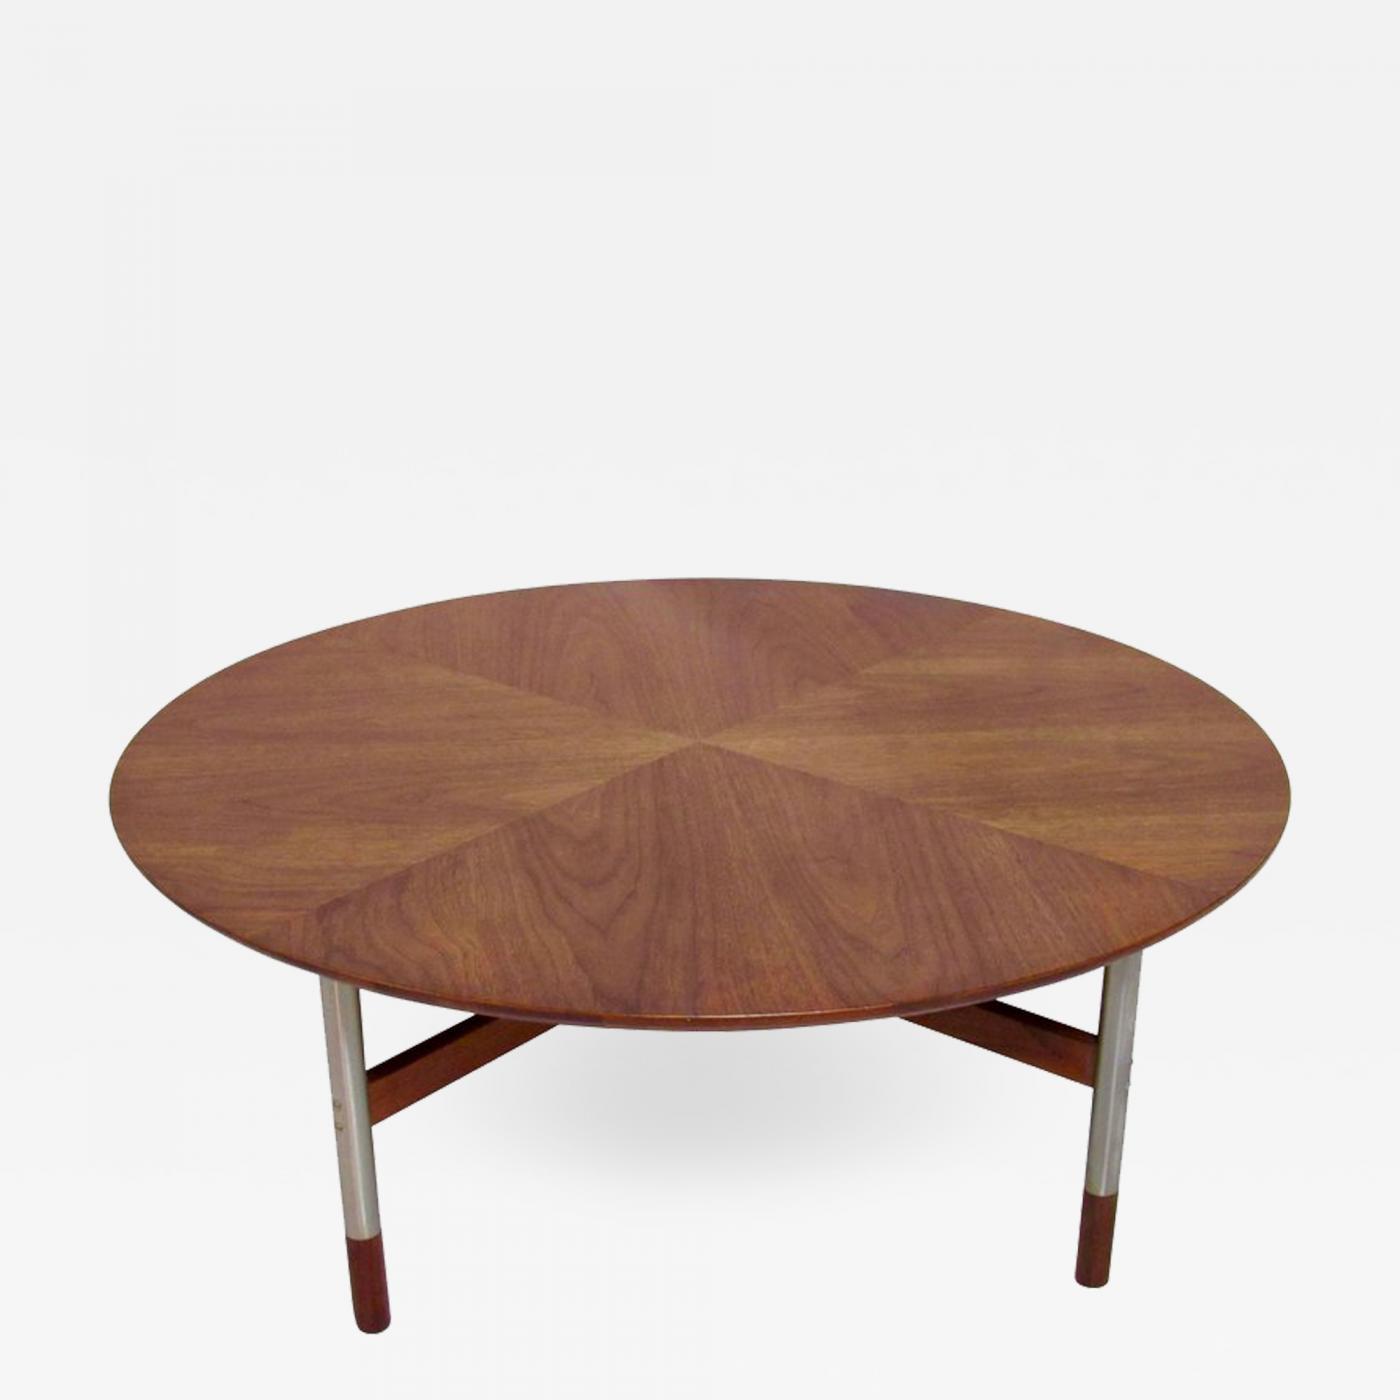 Arne Vodder Arne Vodder Walnut And Steel Coffee Table Designed